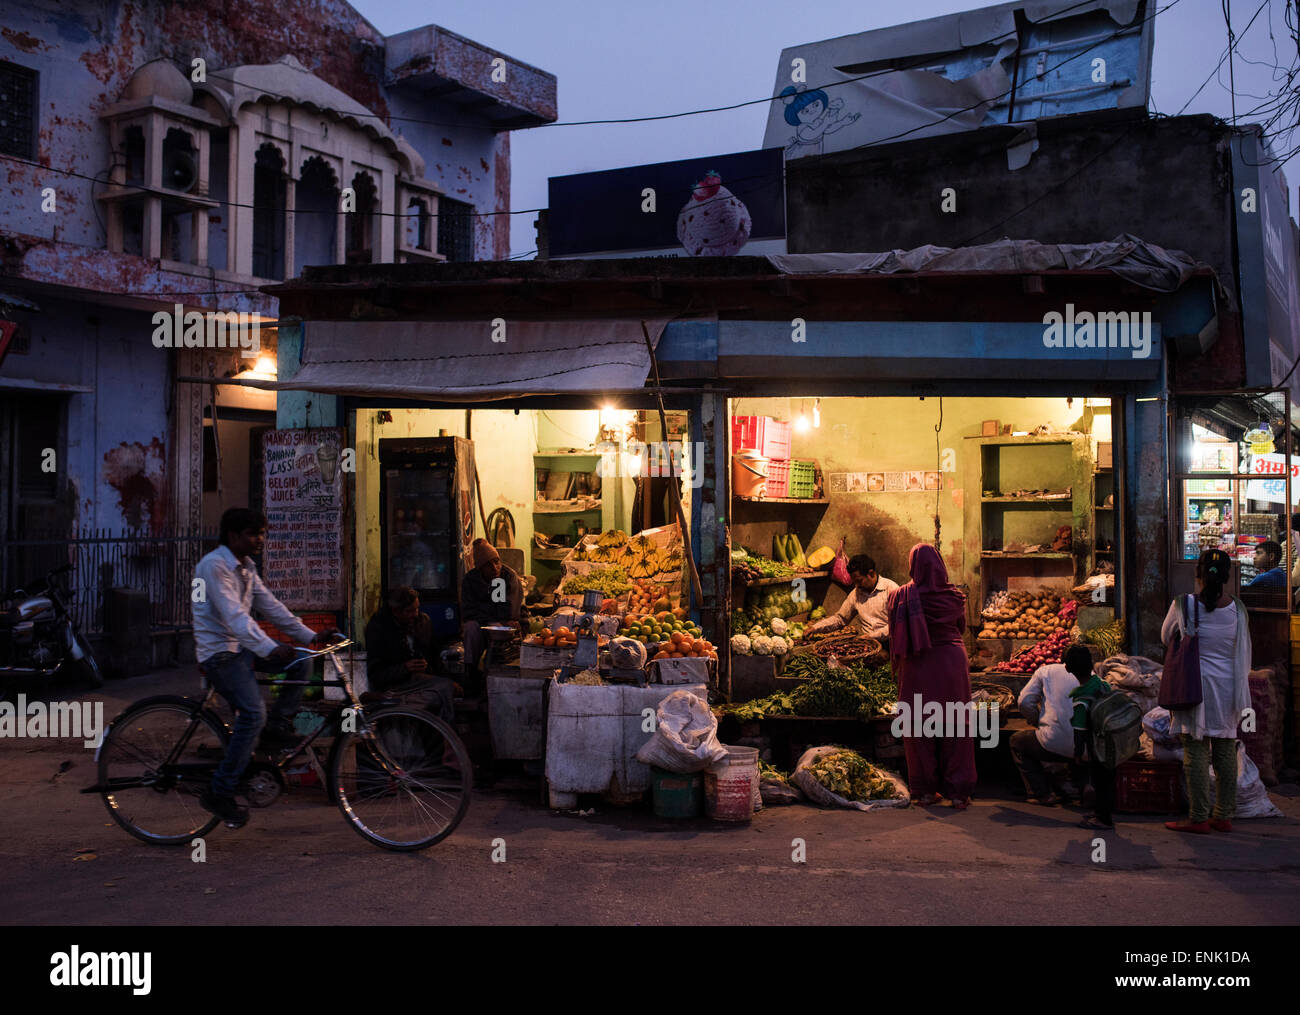 Street fruttivendolo di notte, Agra, Uttar Pradesh, India, Asia Immagini Stock